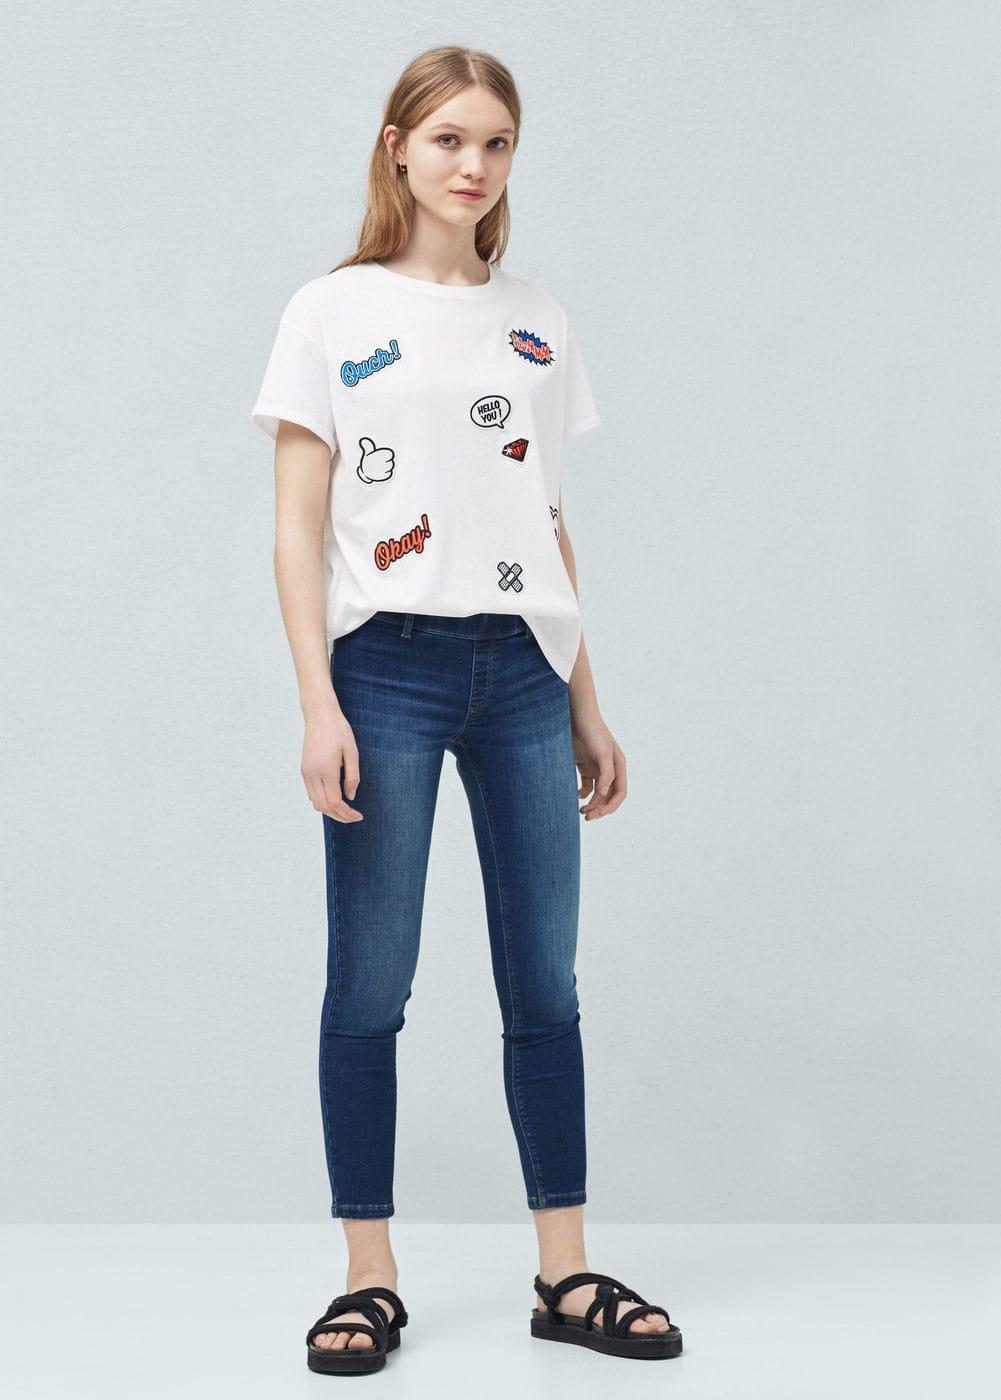 Mango Tendencies Short Shirts Basic Long Collar Less White Putih M